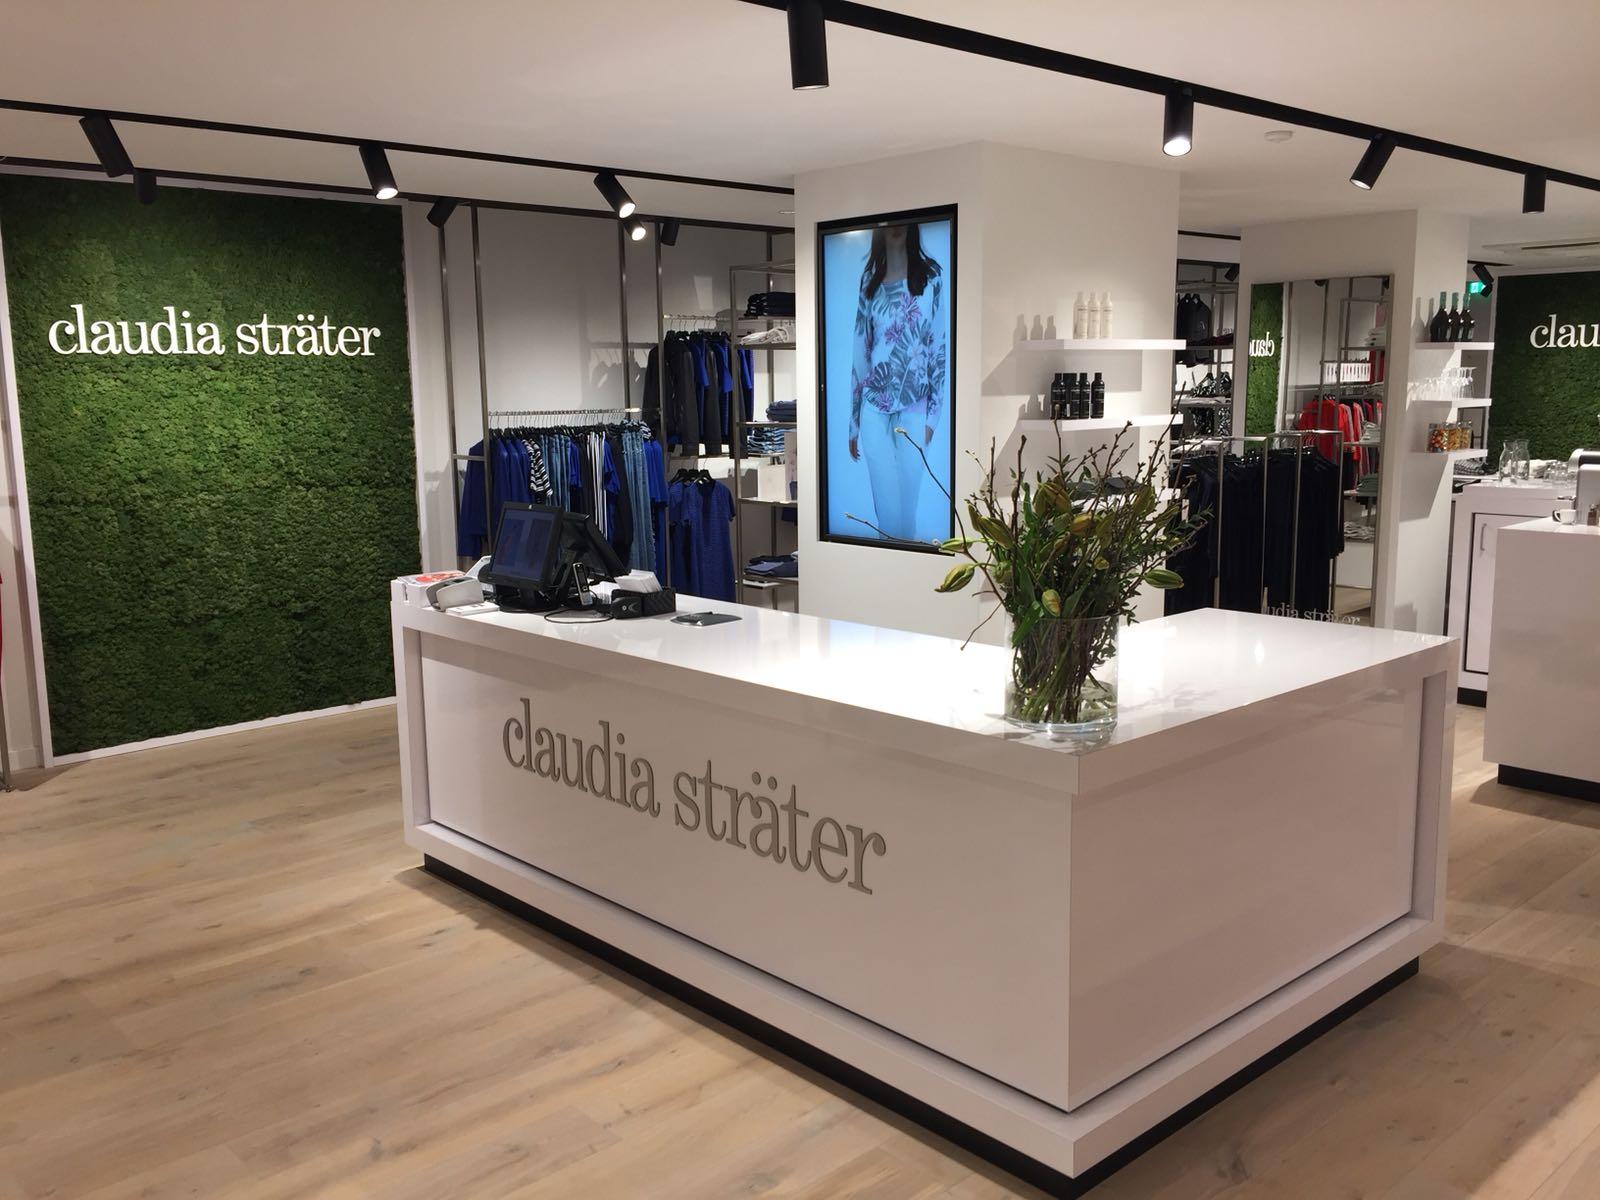 Claudia Sträter Amsterdam - Kek interieurbouw Den Bosch